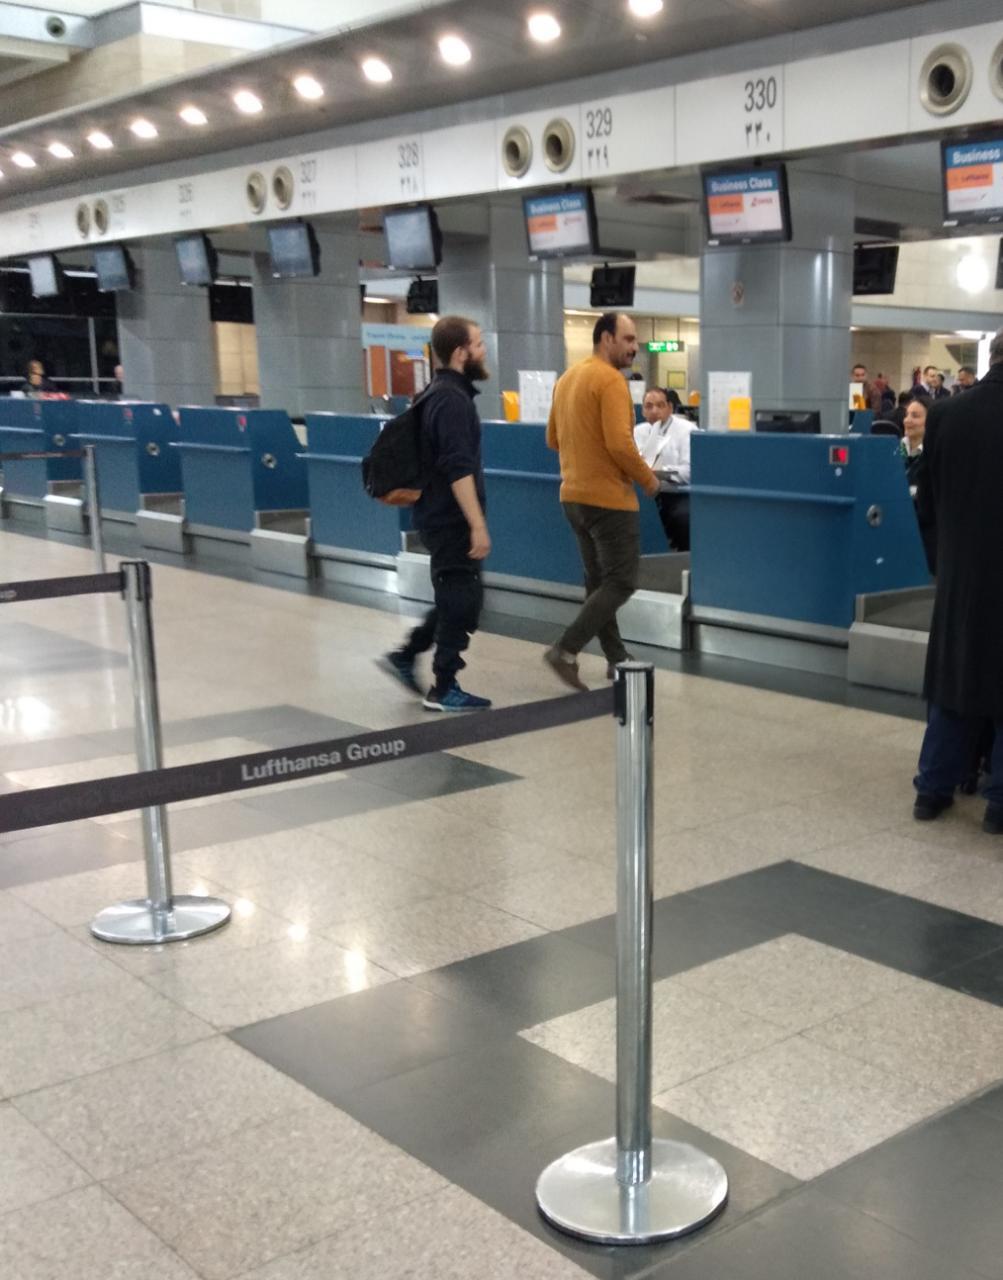 الأمن يضبط ألمانيين من أصل مصرى لانتمائهما لتنظيم داعش الإرهابى (2)